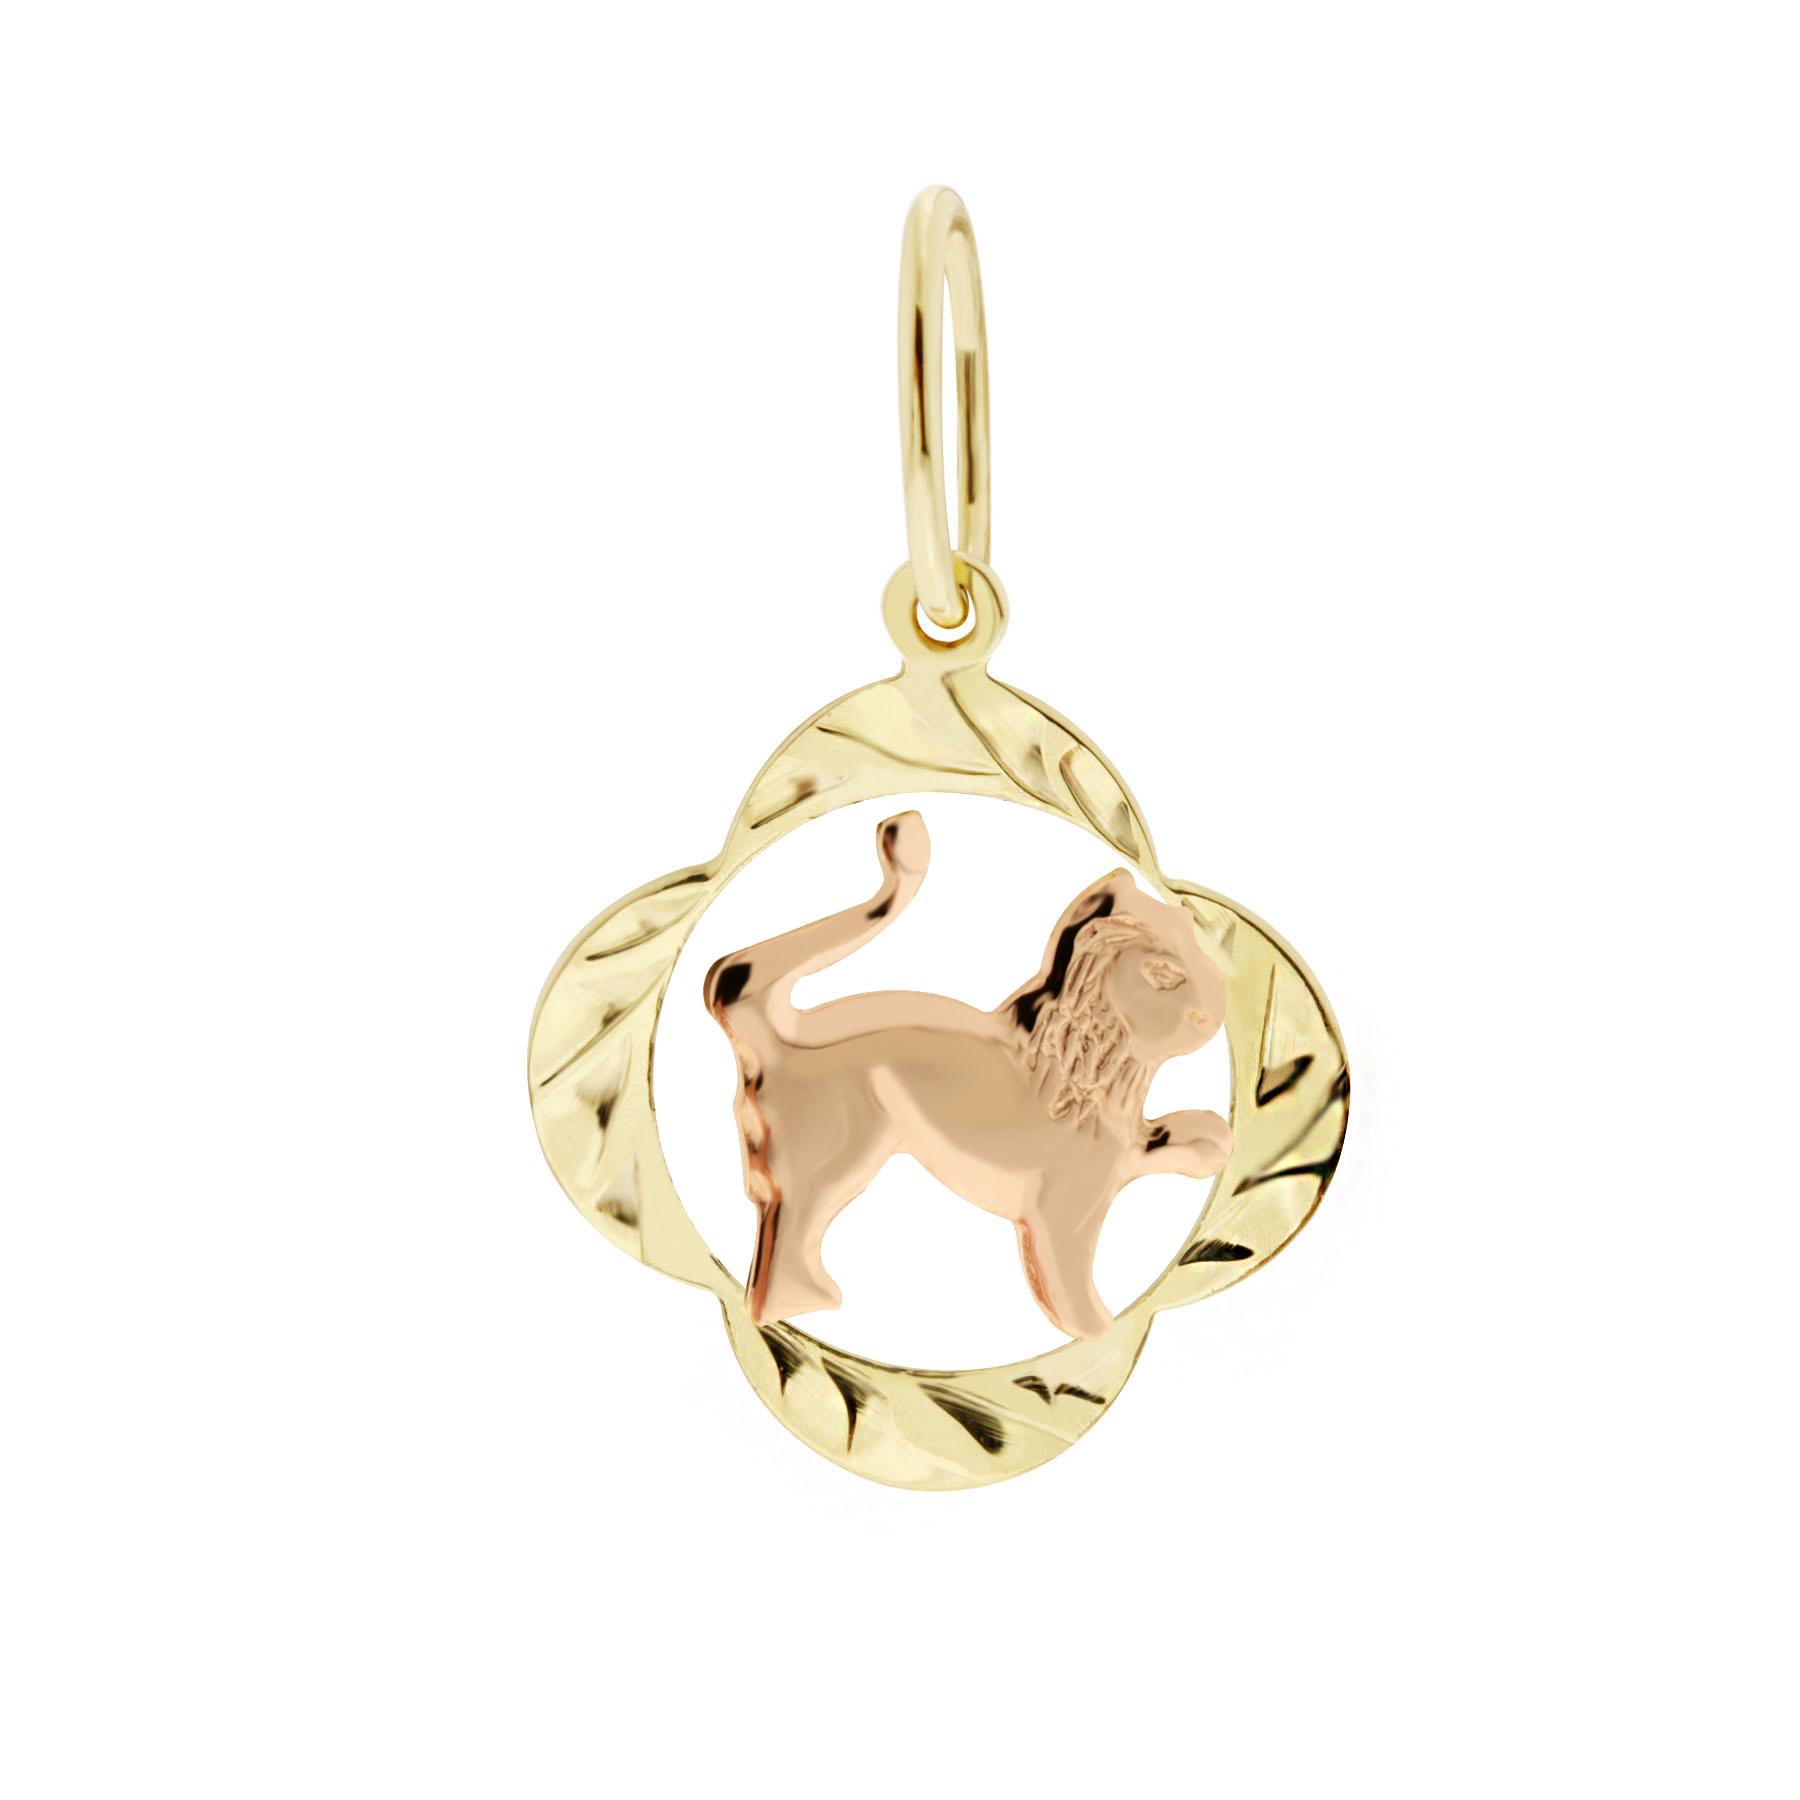 Zlatý přívěsek - znamení zvěrokruhu Lev Tvar: Čtyřlístek, rytý rámeček